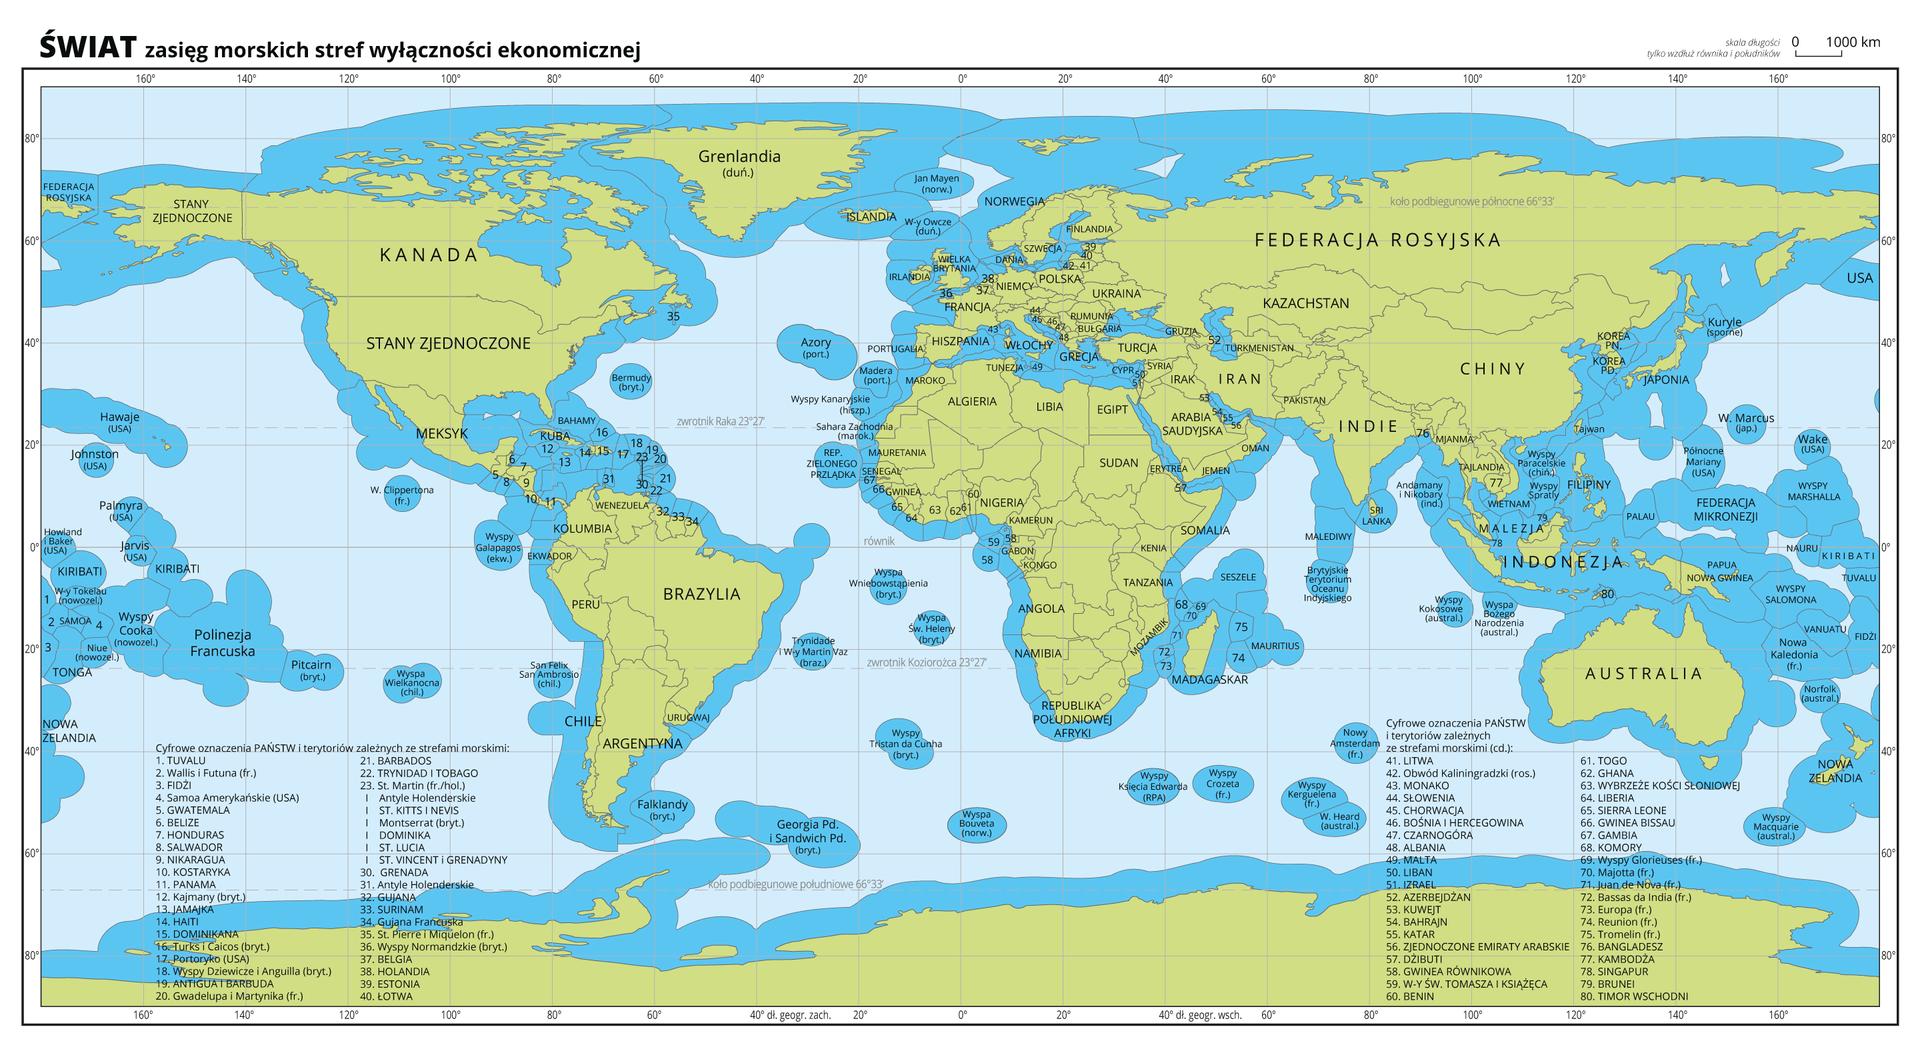 Ilustracja przedstawia mapę świata. Wody zaznaczono kolorem niebieskim, lądy zielonym. Opisano państwa.Na mapie kolorem mocno niebieskim oznaczono zasięg morskich stref wyłączności ekonomicznej. Jest to niebieska wstążka ogrubości około pół centymetra przebiegająca wzdłuż wybrzeży kontynentów iwysp.Nazwy osiemdziesięciu państw iterytoriów zależnych, które nie zmieściły się na mapie przedstawiono za pomocą liczb. Cyfrowe oznaczenia opisano na dole mapy.Mapa pokryta jest równoleżnikami ipołudnikami. Dookoła mapy wbiałej ramce opisano współrzędne geograficzne co dwadzieścia stopni.